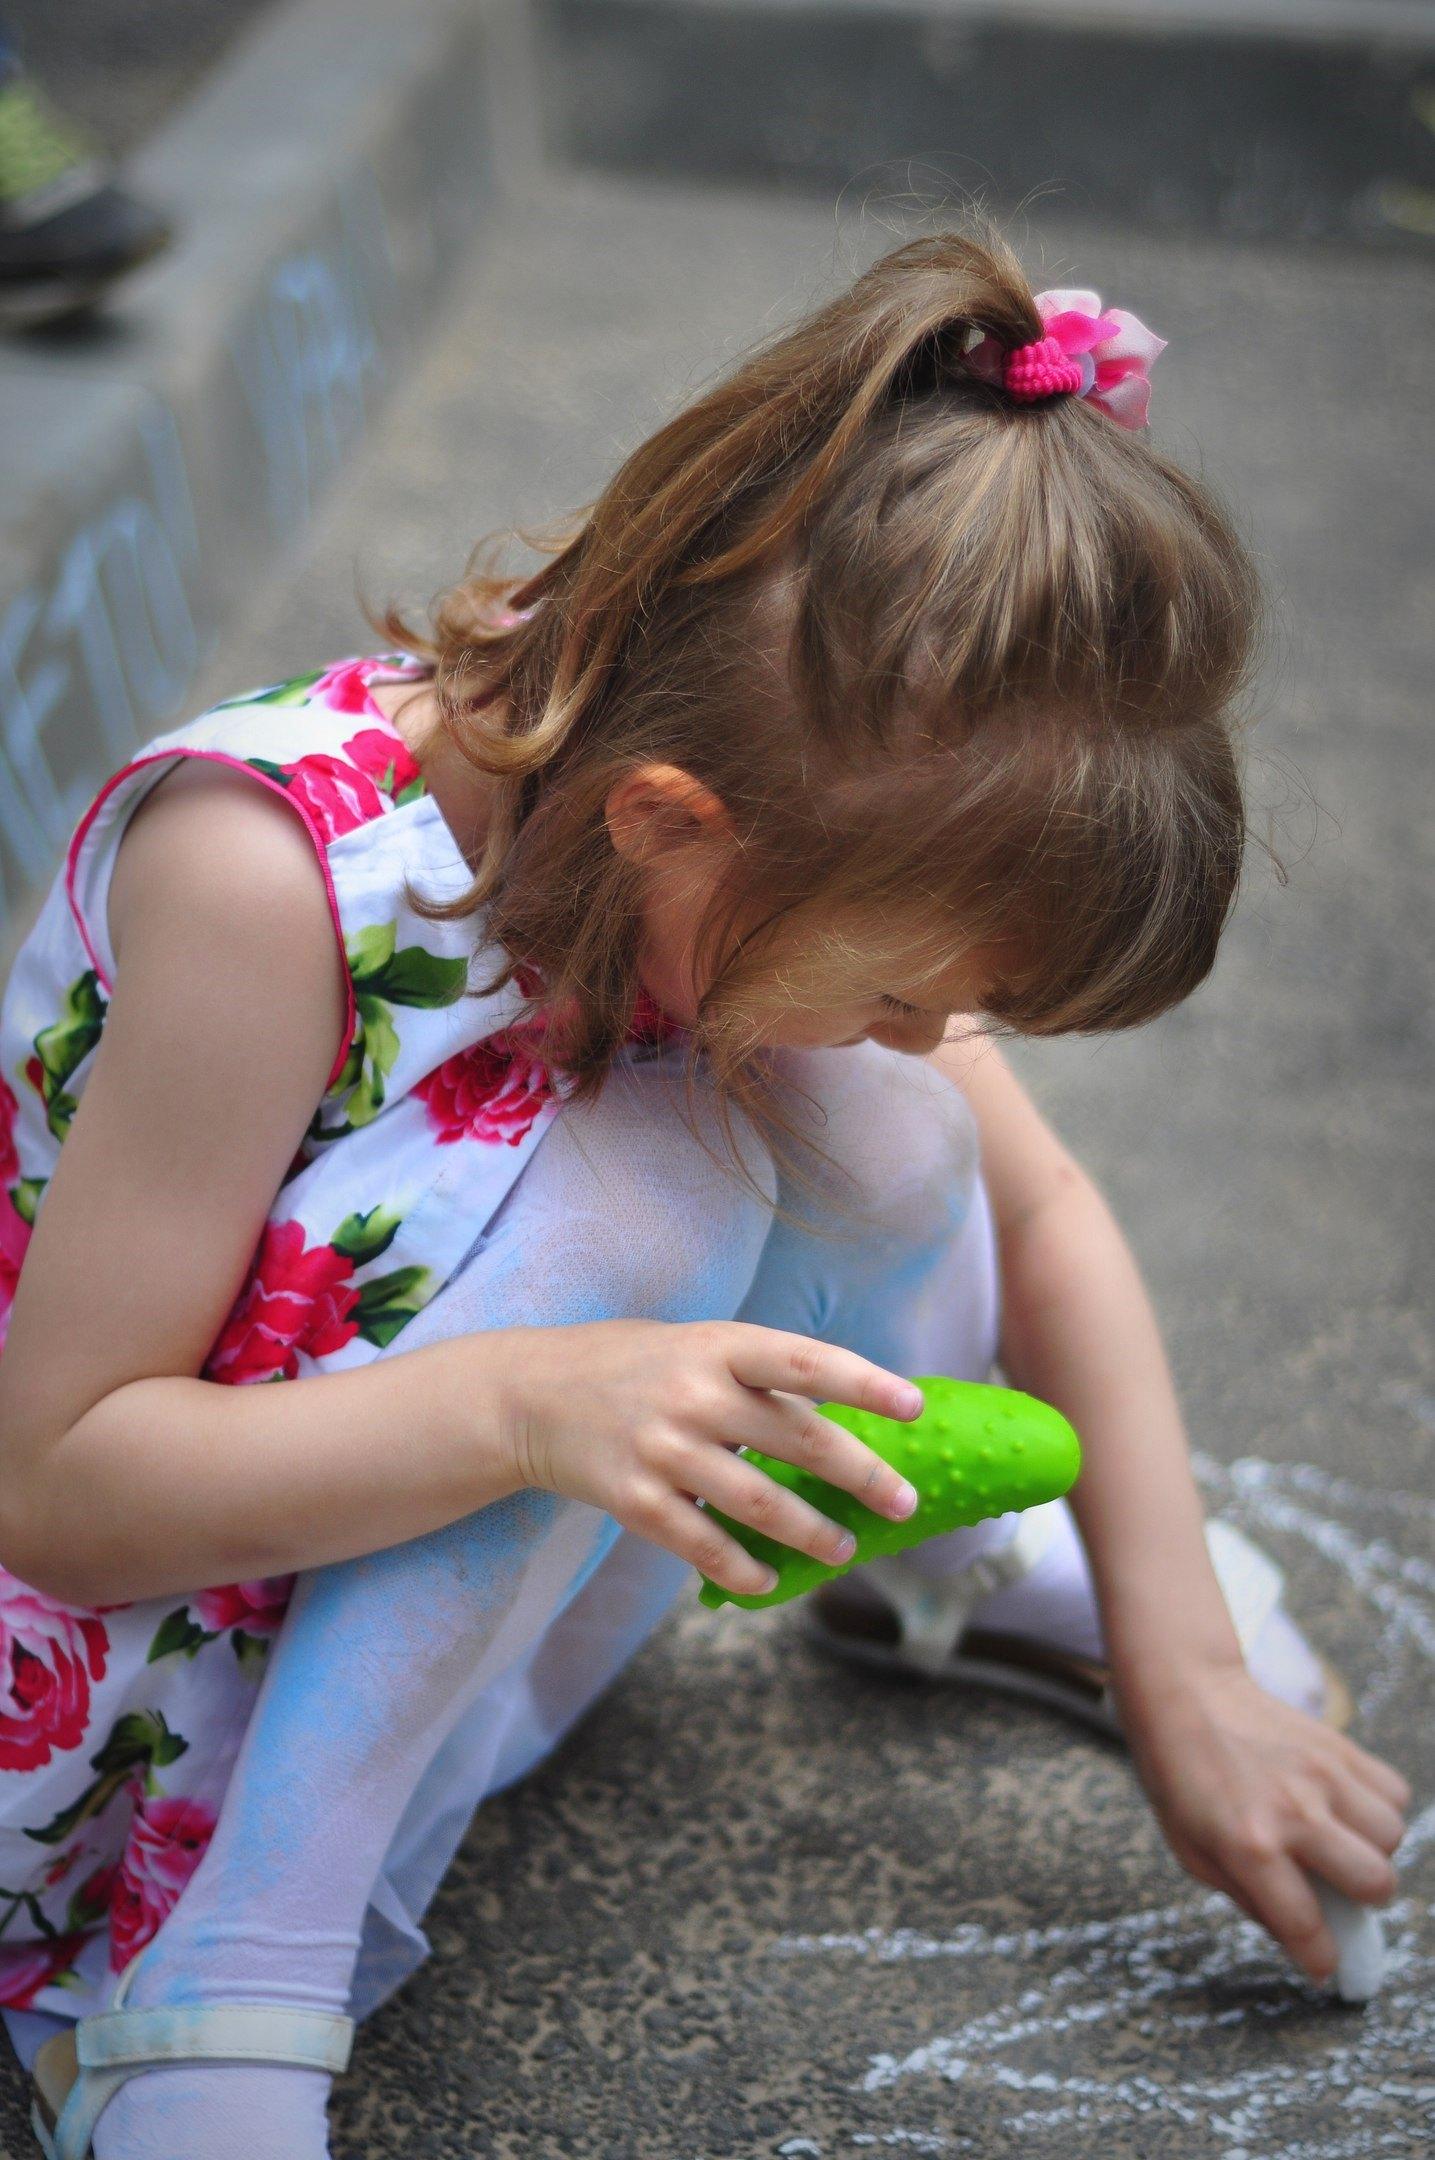 24.06.2016, вып. в Лесовичке, фото О. Сидяковой, 23